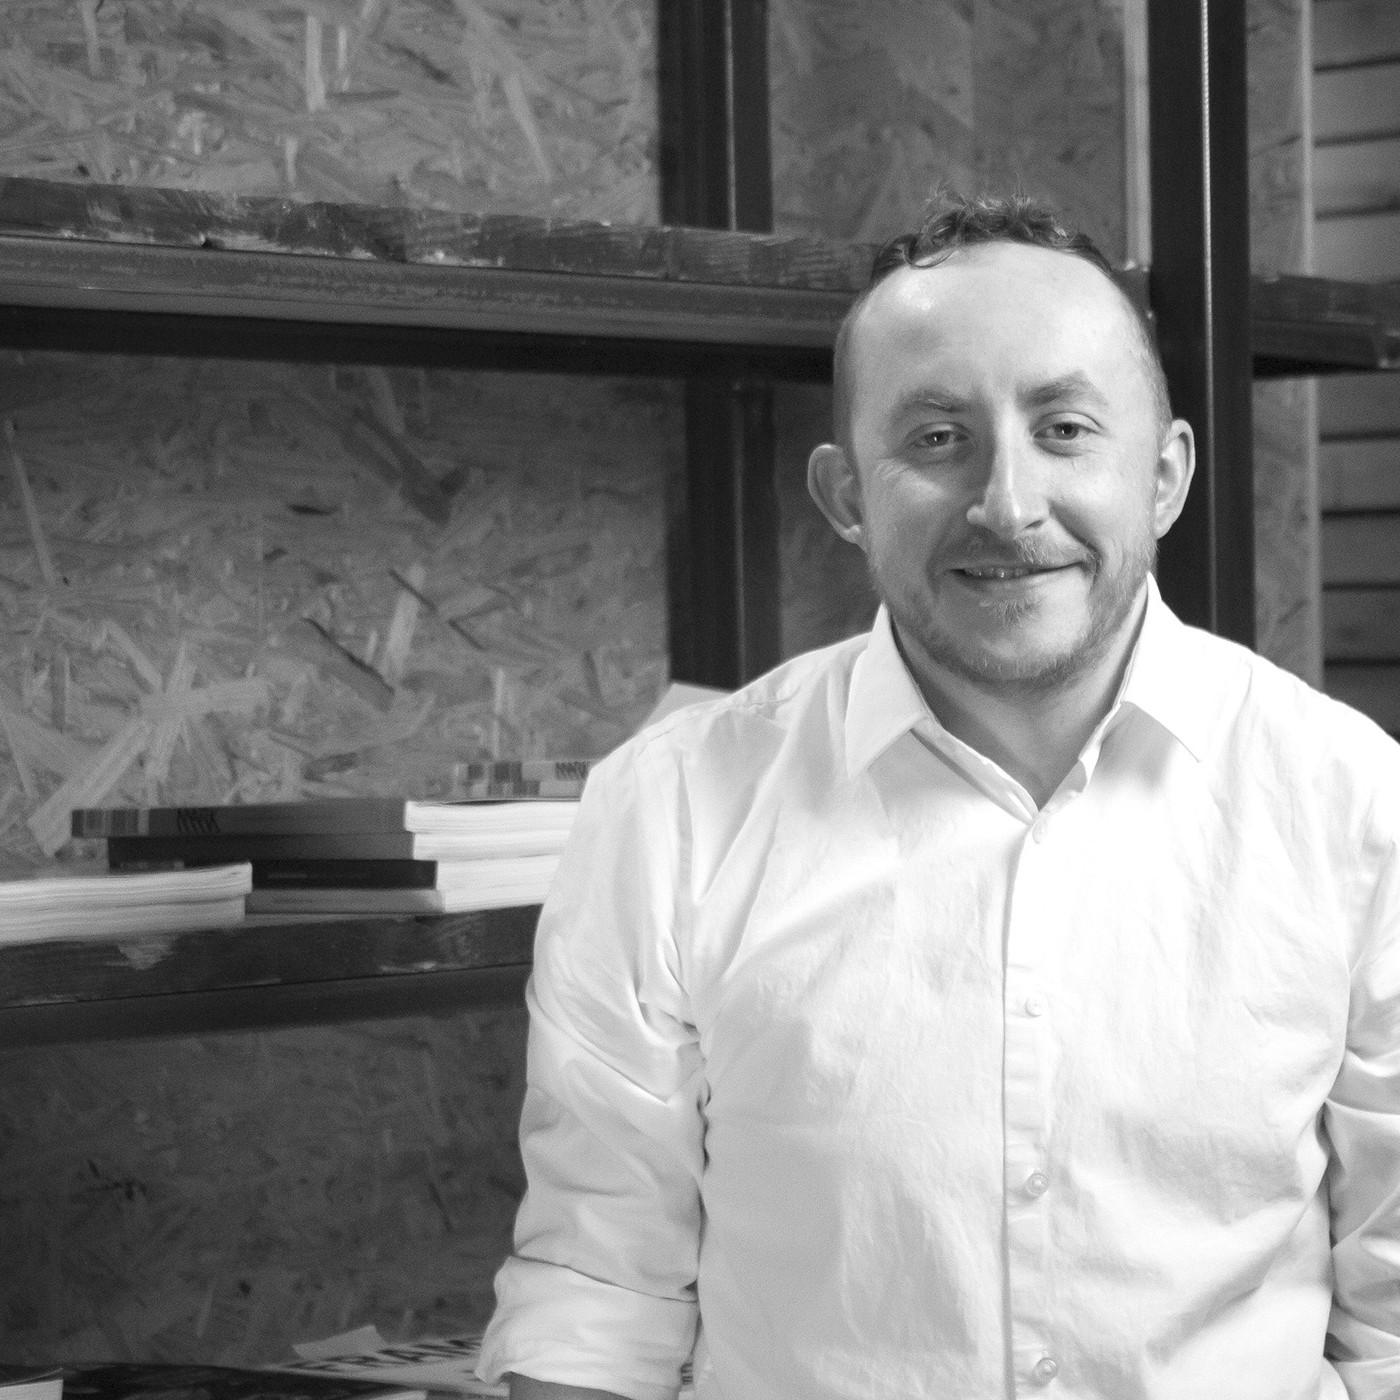 Portrait of Ronnie Schneider - Foodservice Designer